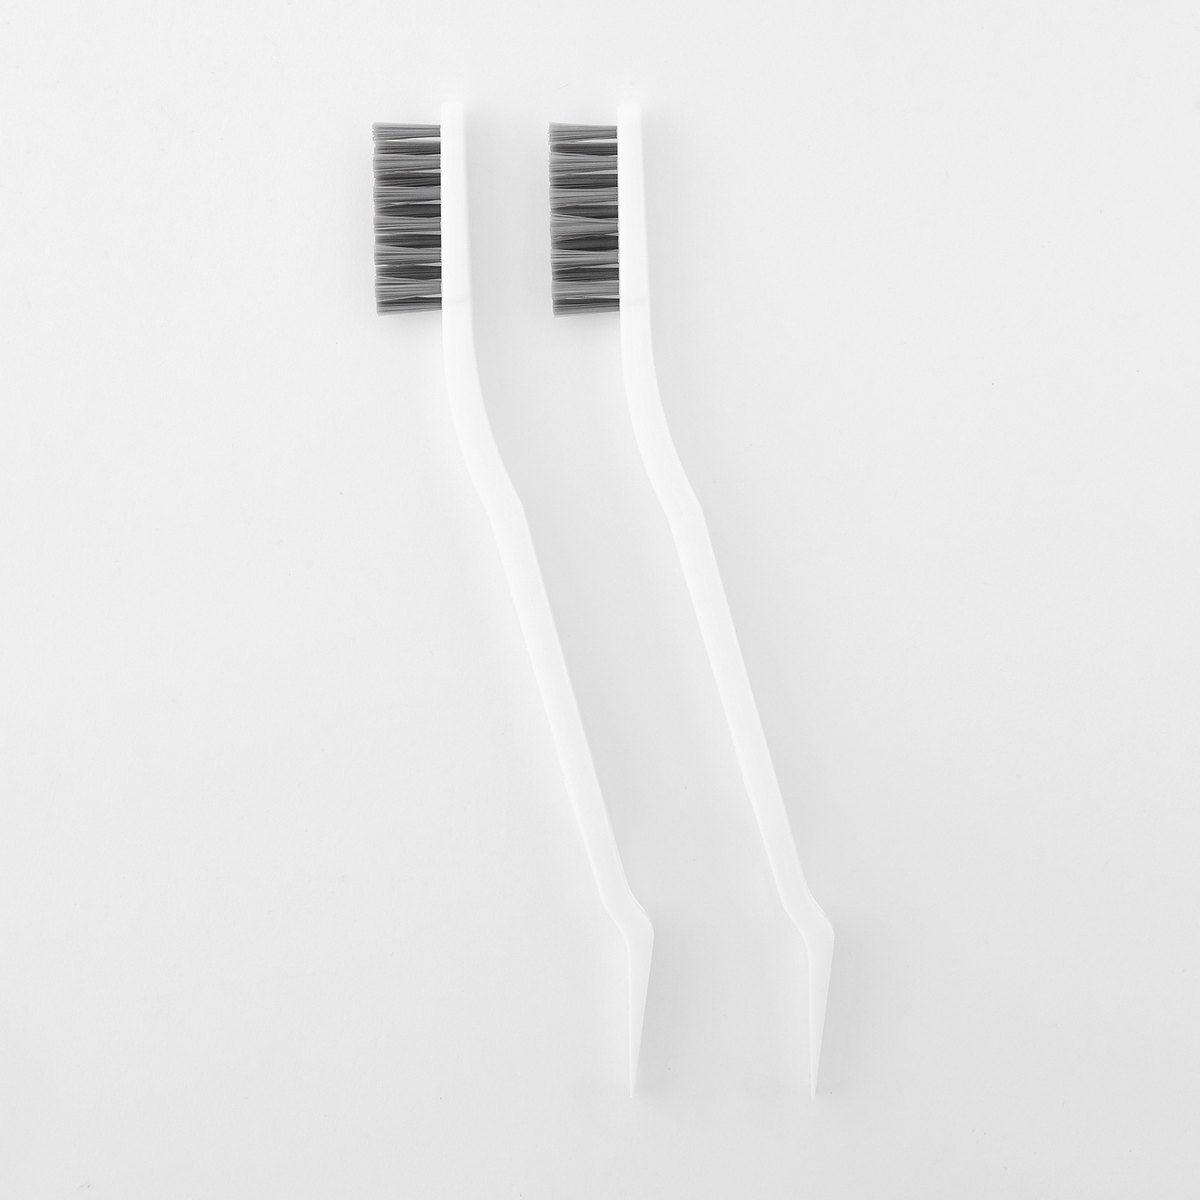 [자주] 자주닦는 락앤락 용기 전용 세척솔2P, 2p, 화이트